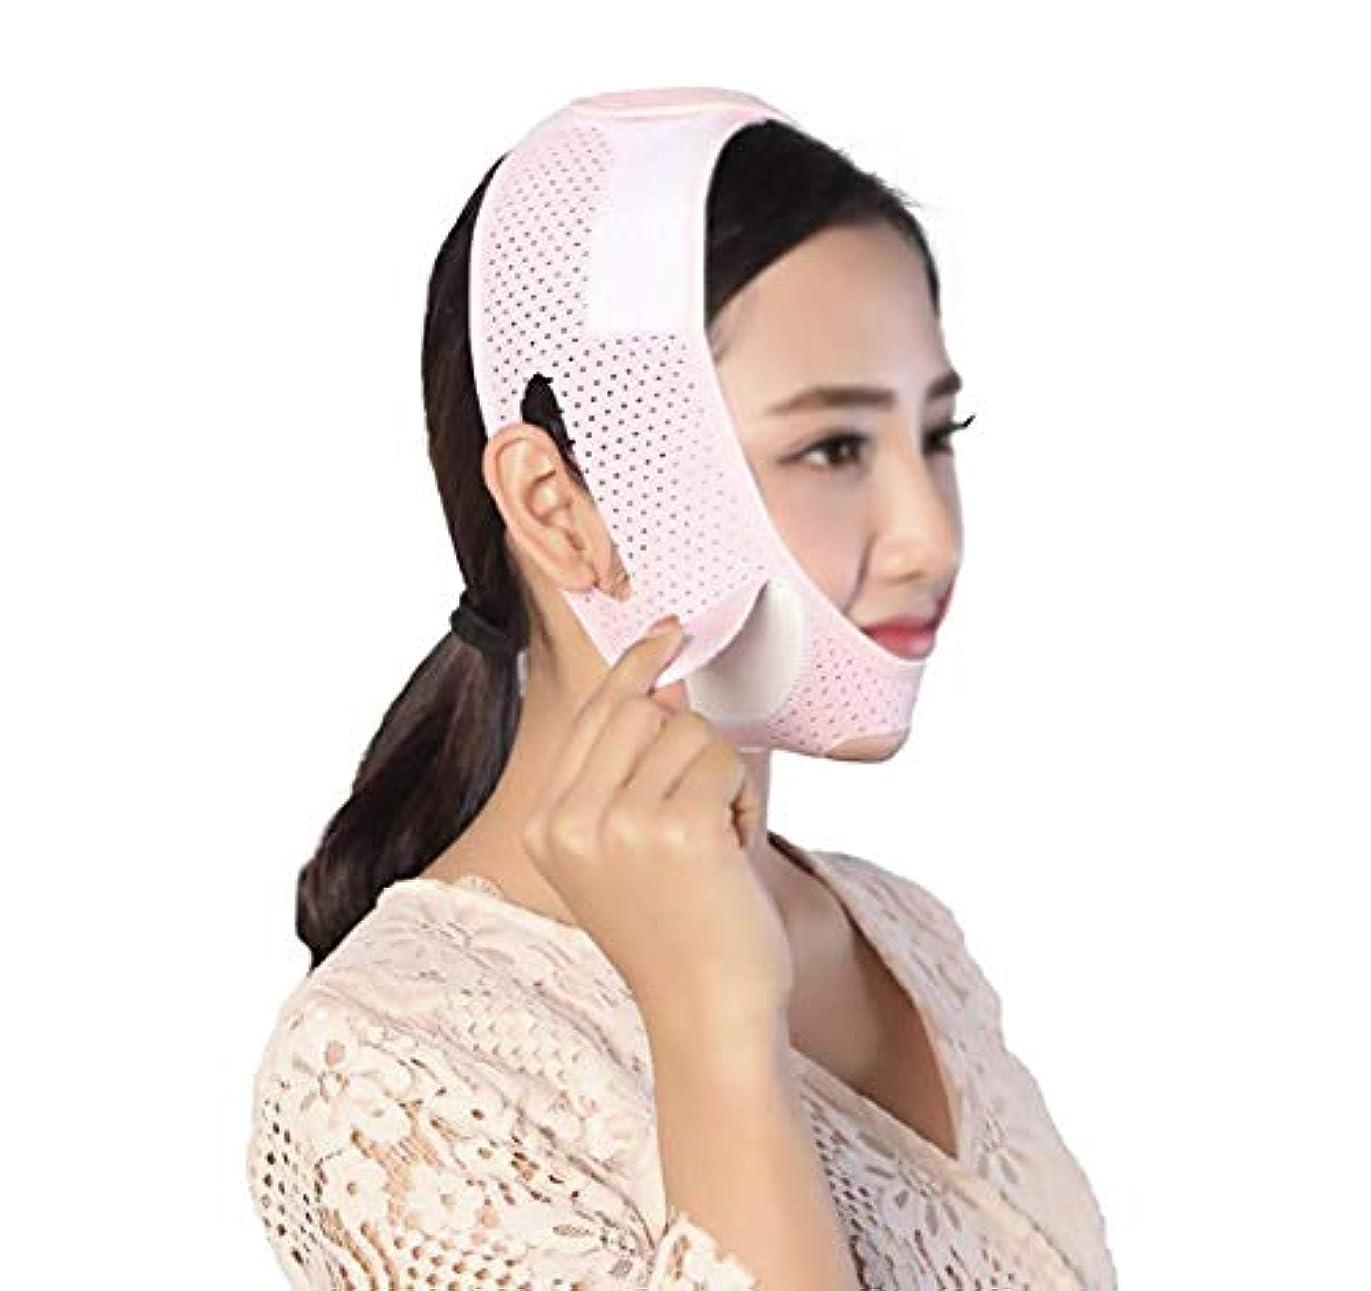 普通の輸血記念日顔と首を持ち上げる術後弾性セットVフェイスマスクは、チンV顔アーティファクト回復サポートベルトの収縮の調整を強化します。